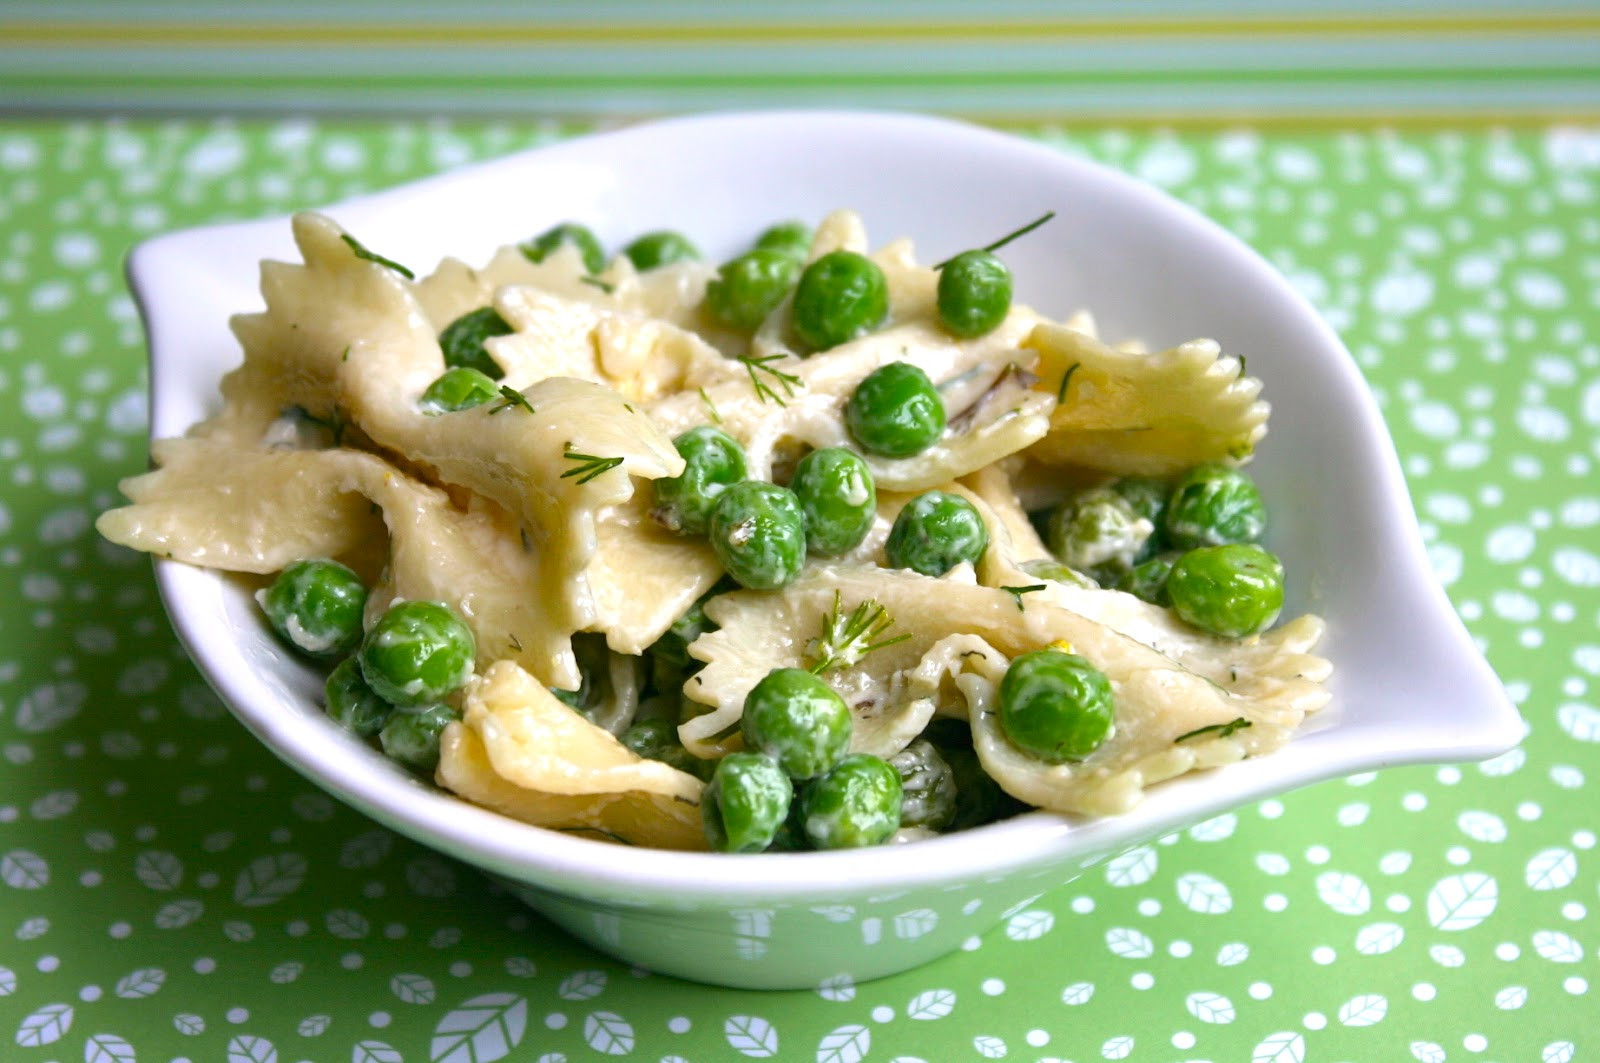 Farfalle Pasta Salad  My Retro Kitchen Farfalle Pasta Salad with Sweet Peas and